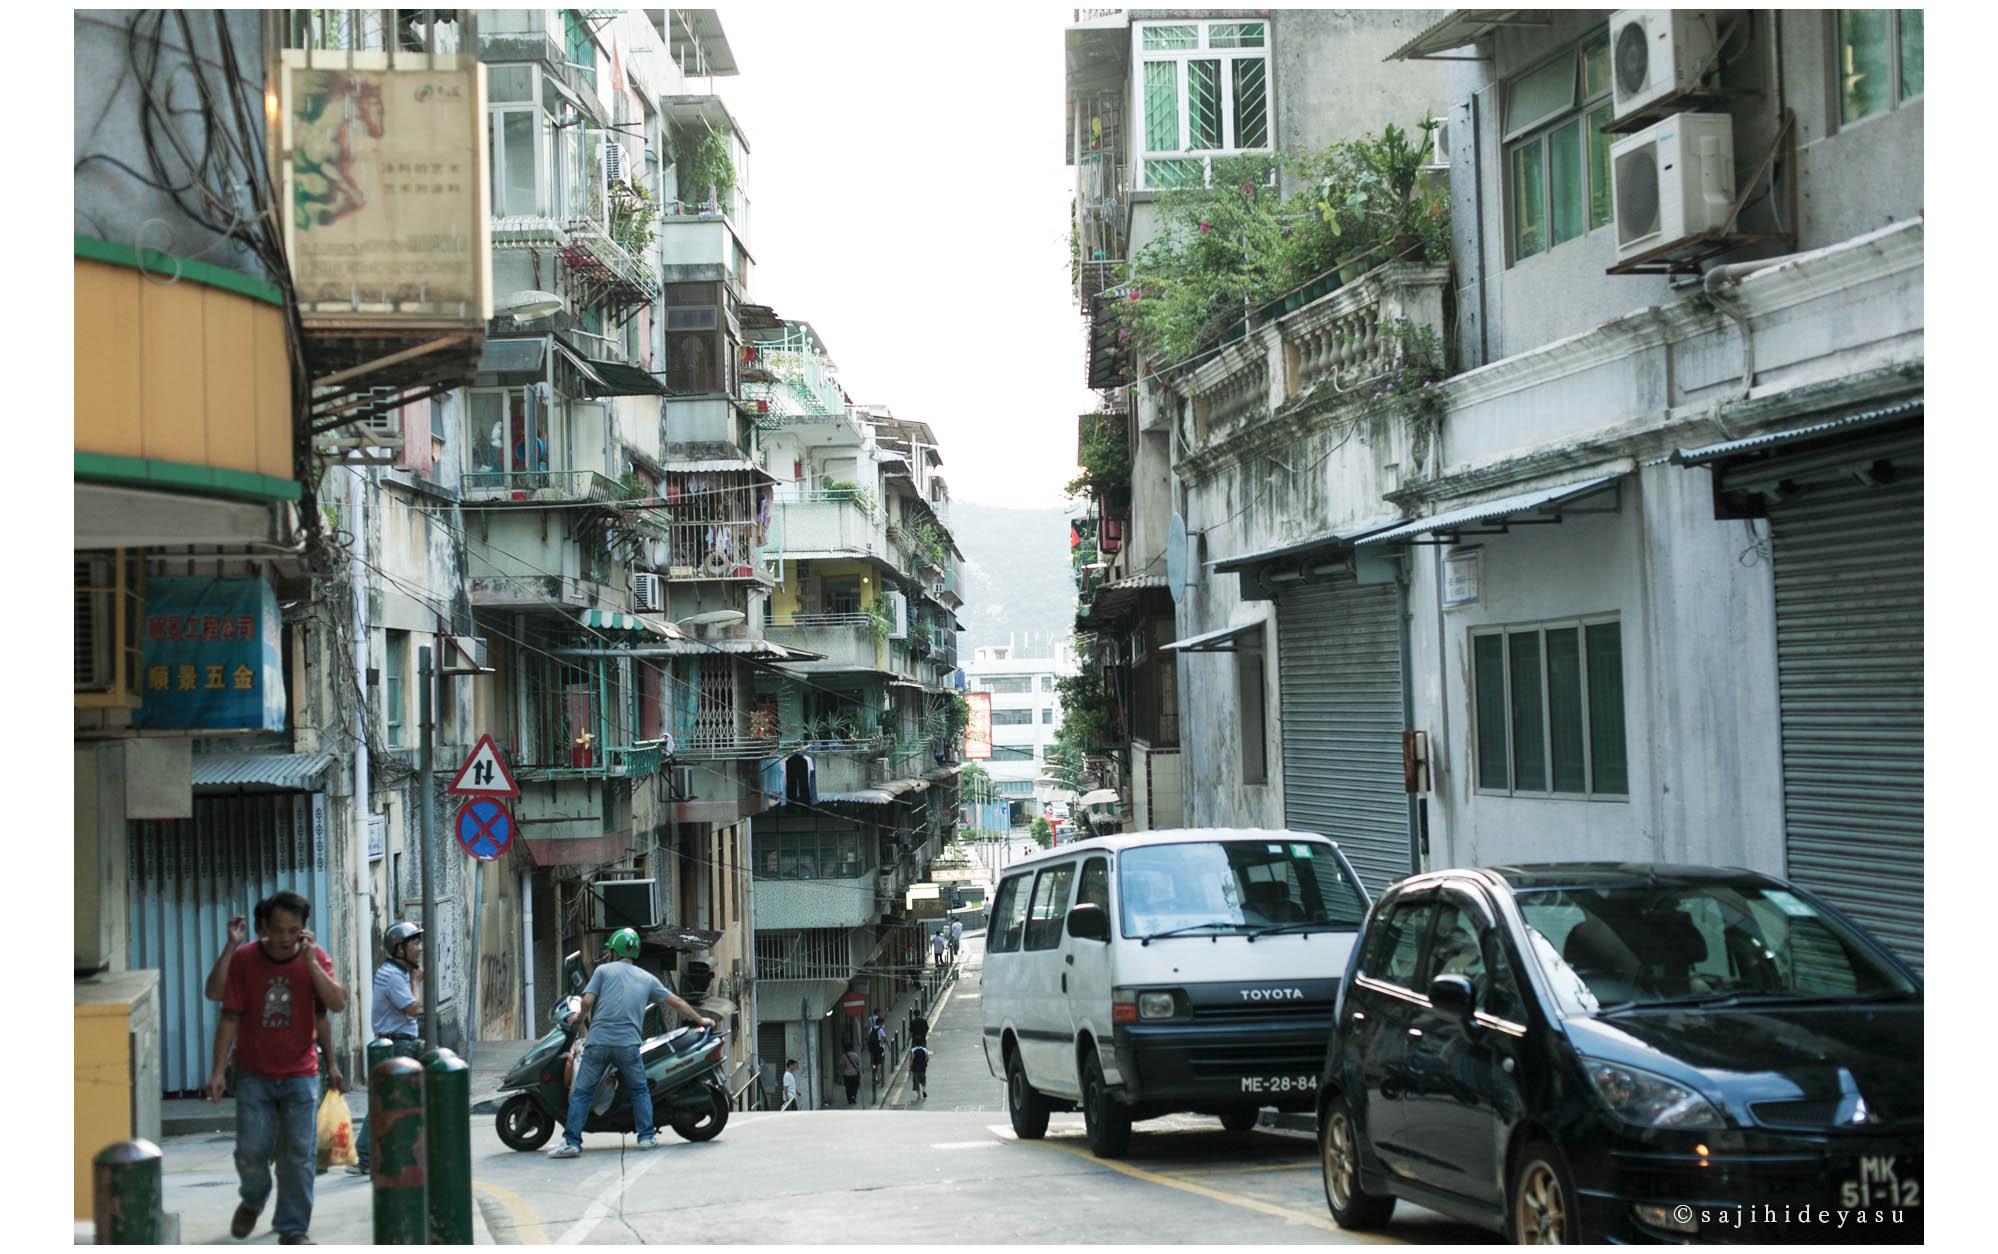 20140630_001香港マカオr